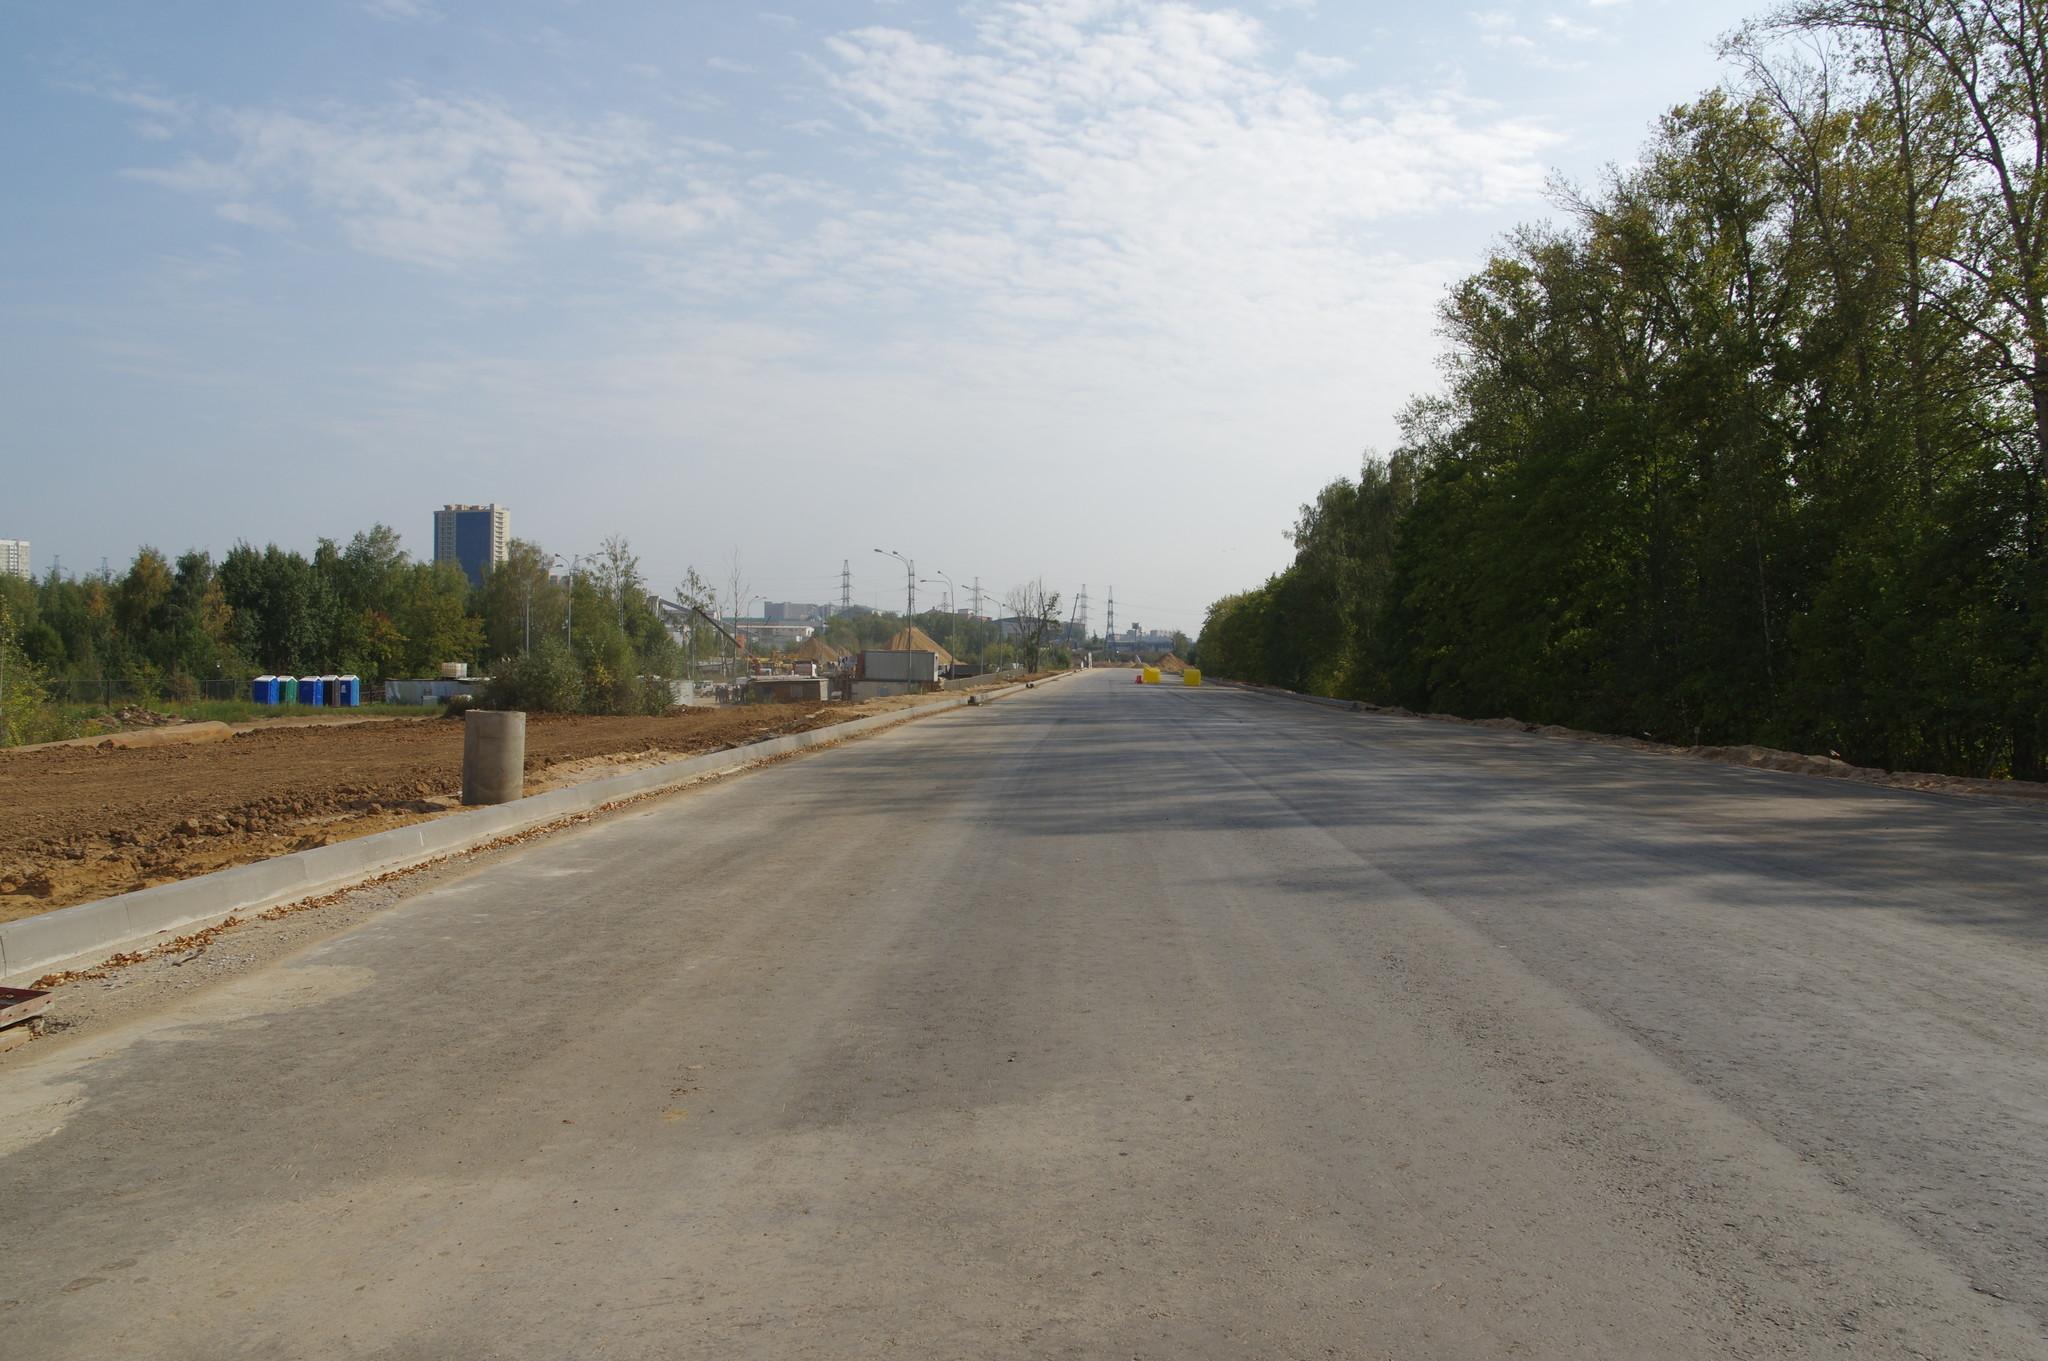 Строительство автодороги - дублёра Дмитровского шоссе вдоль Савёловского направления Московской железной дороги